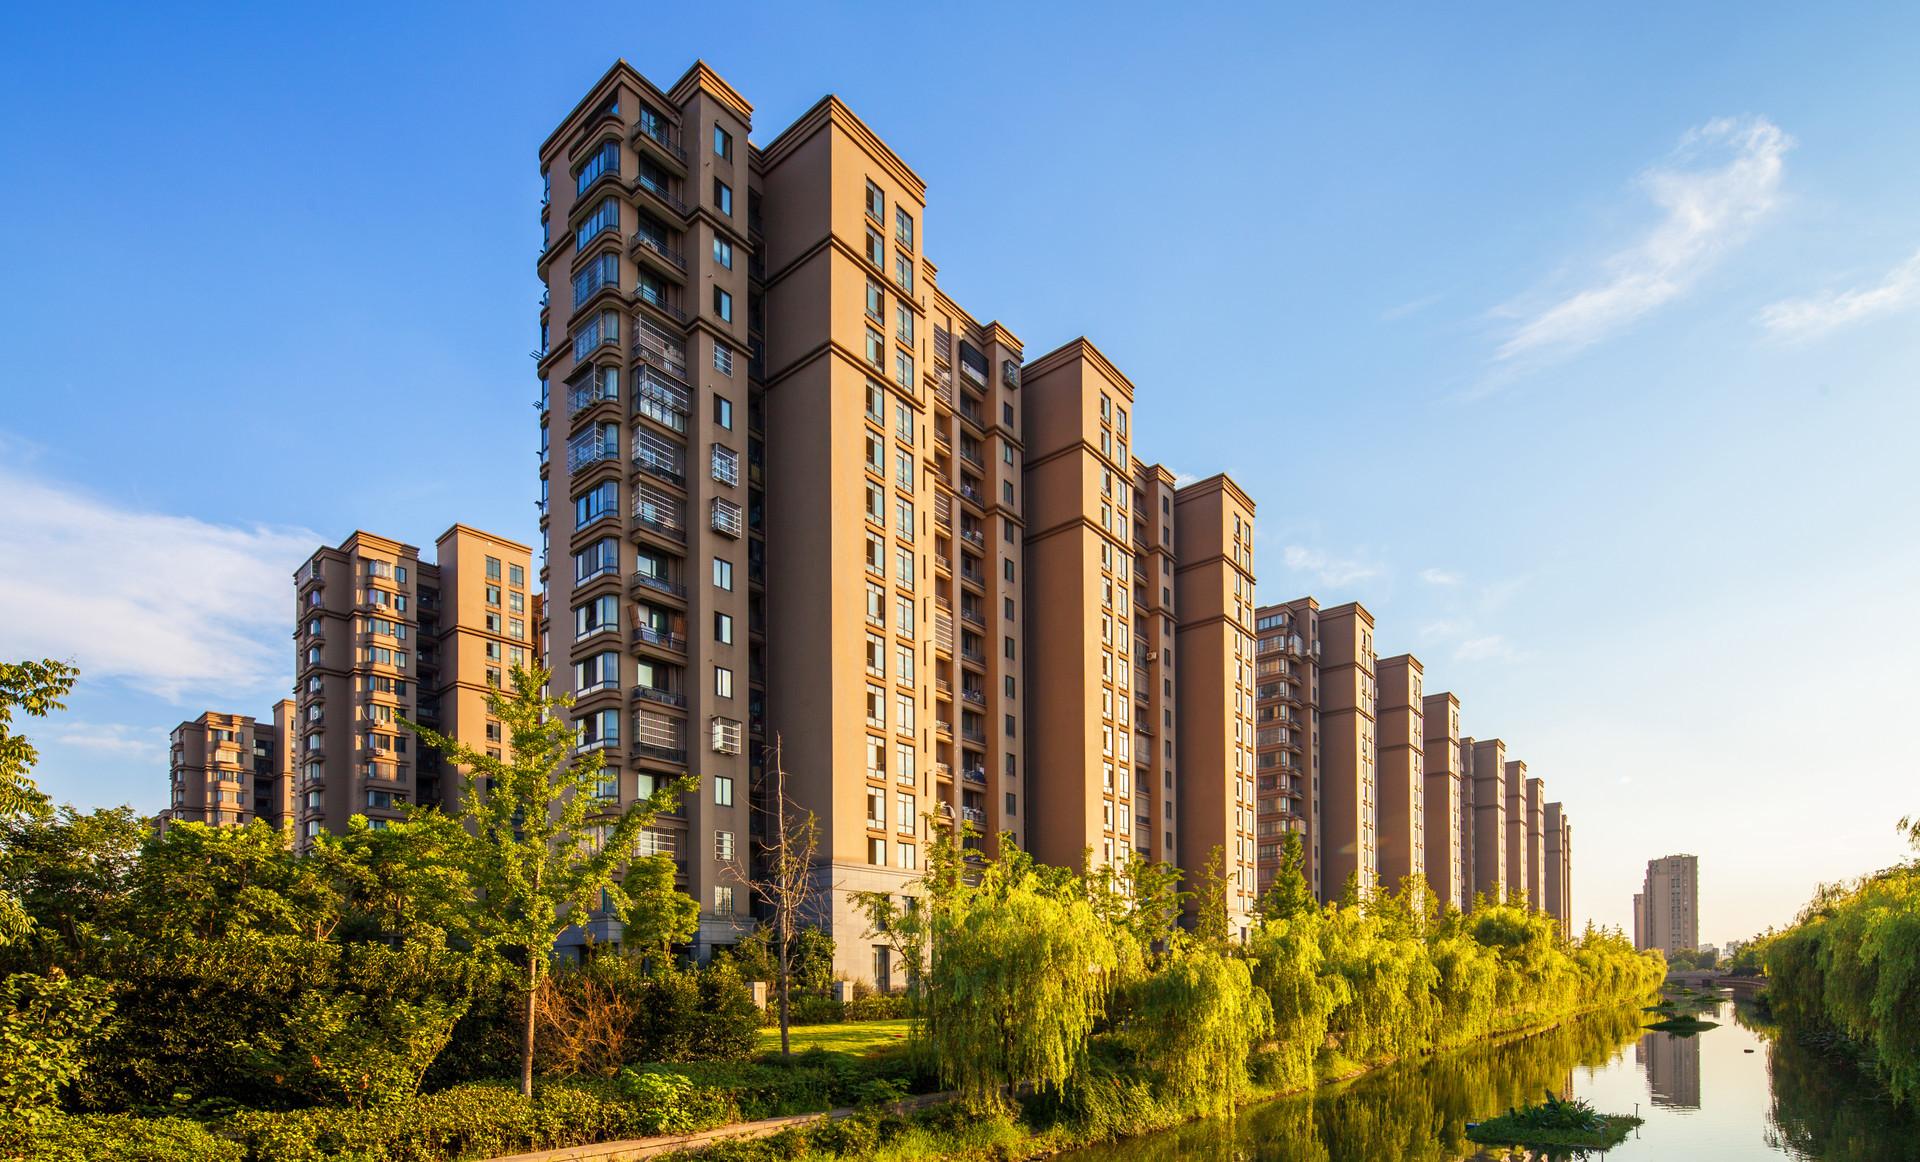 三城市未来房贷利率或上升苏州、南宁首套房贷利率破6%